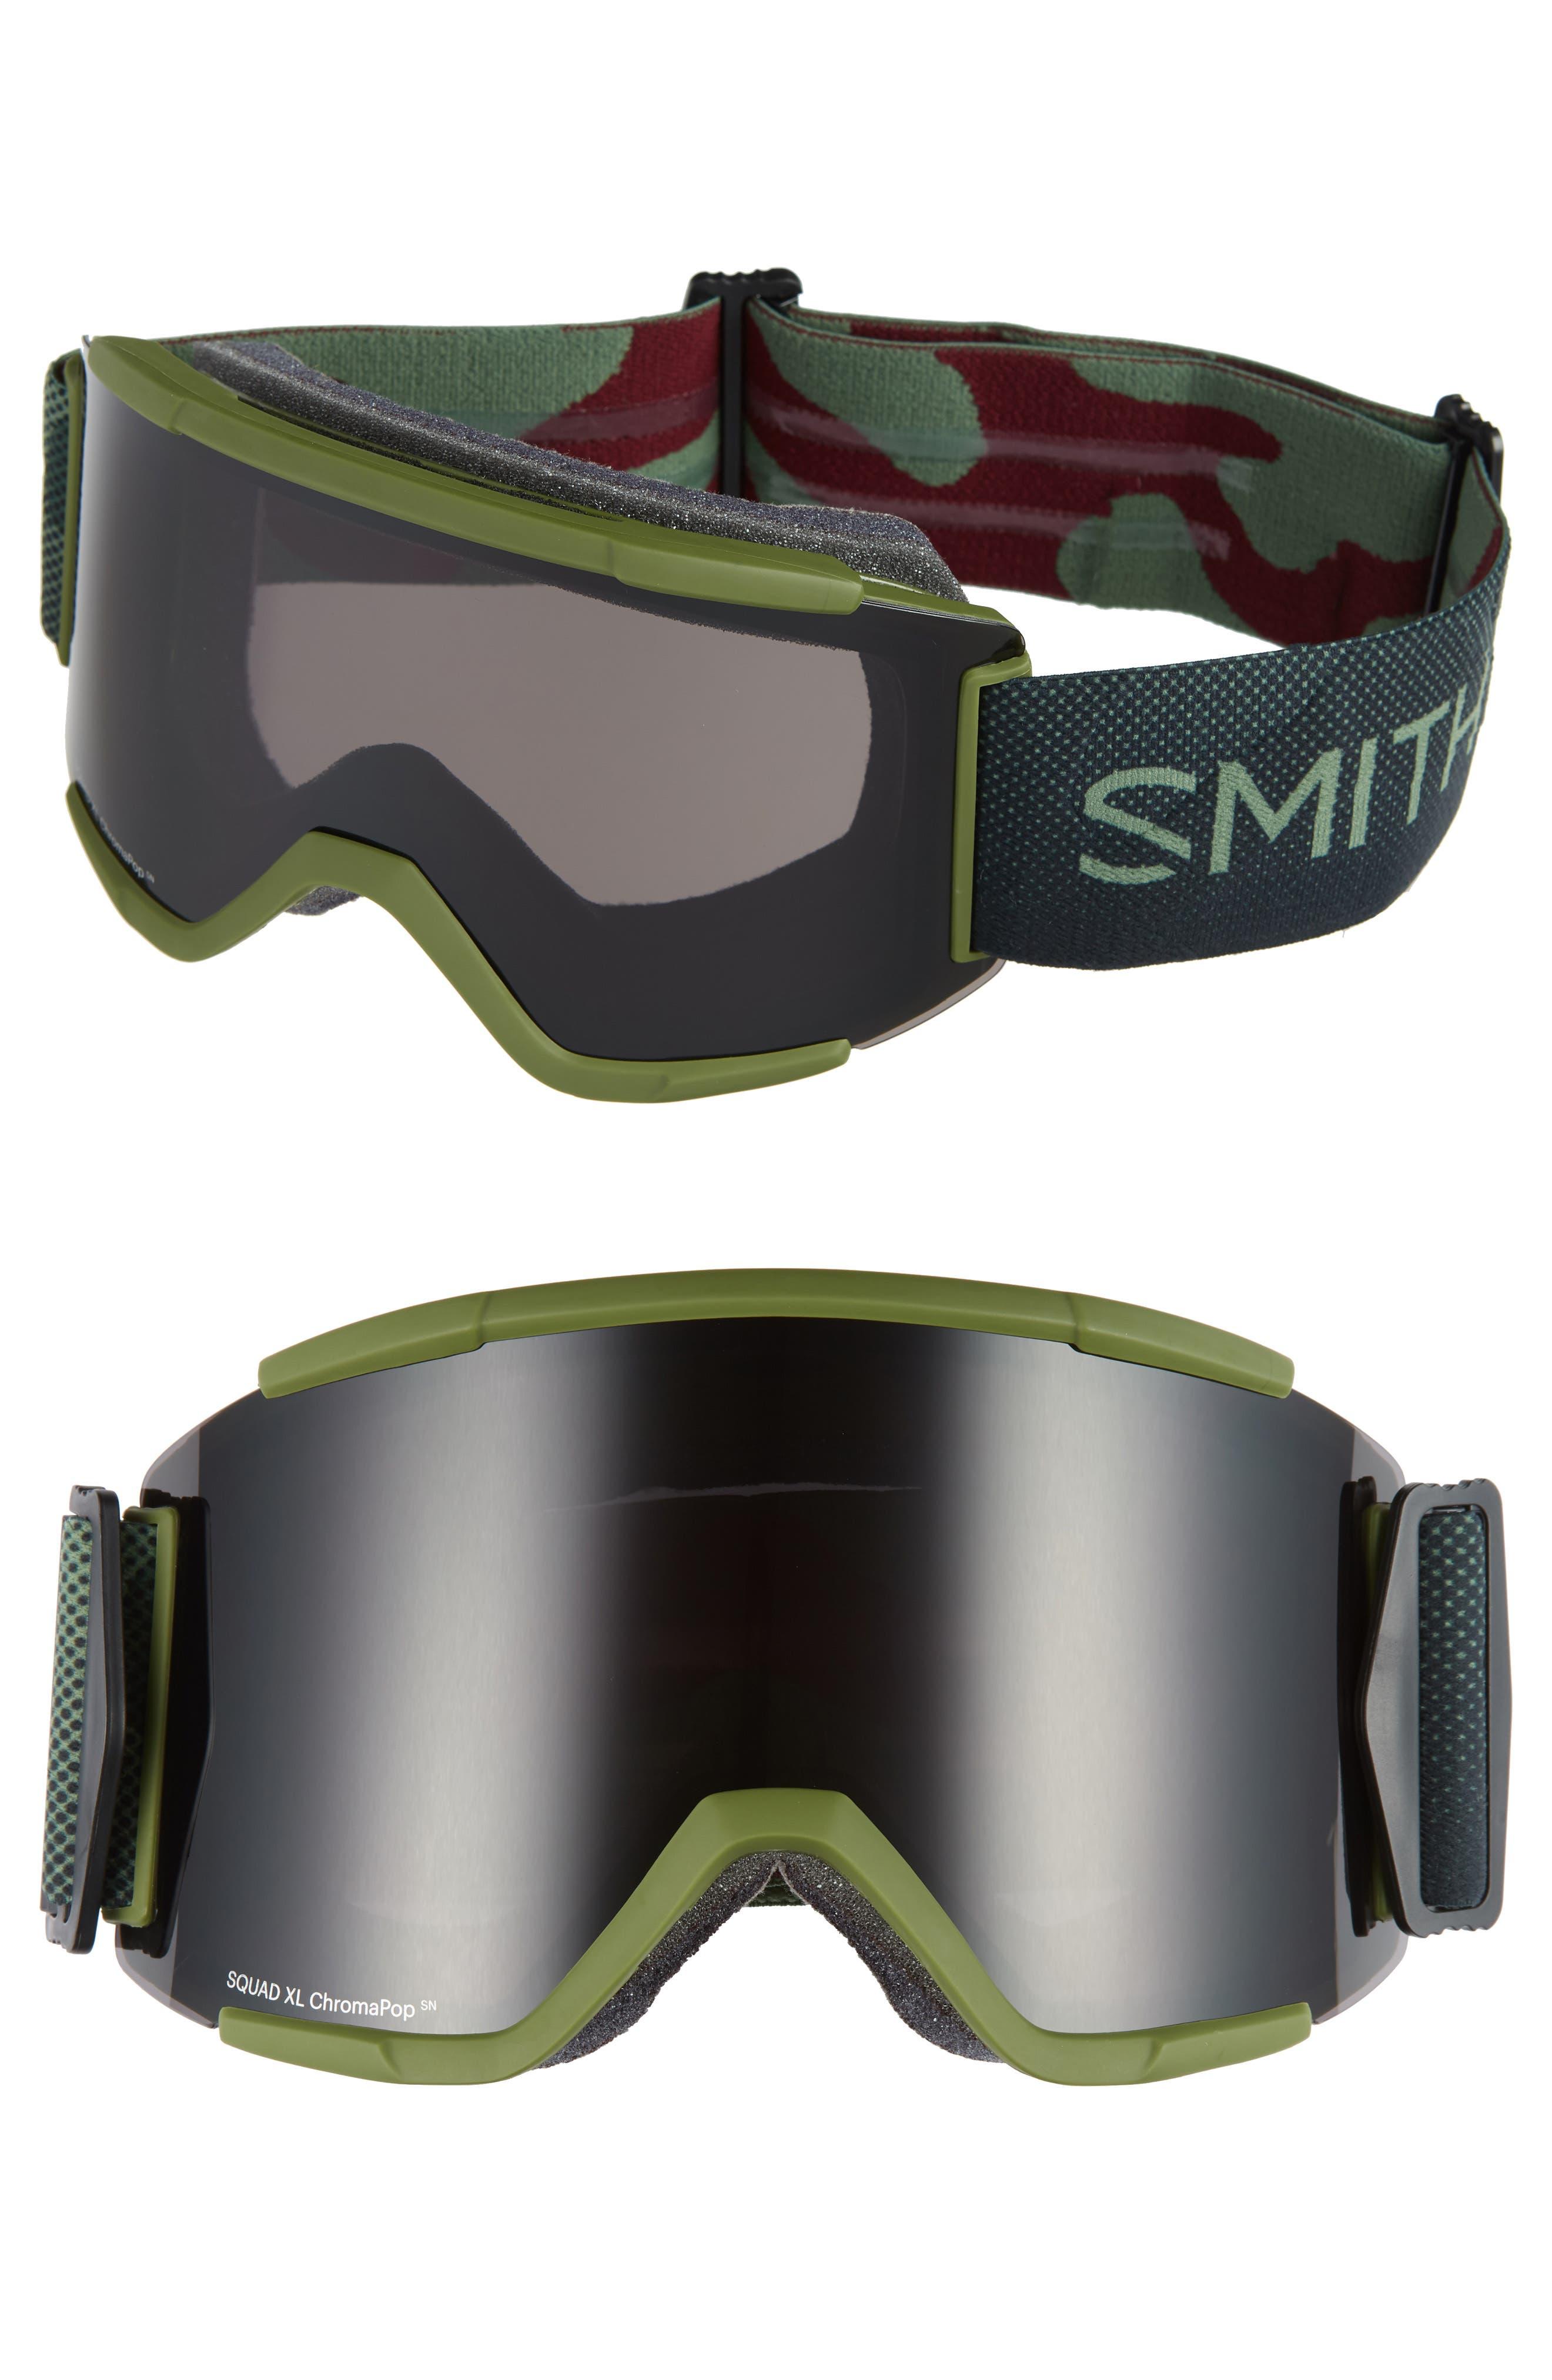 Squad XL Chromapop 185mm Snow Goggles,                             Main thumbnail 1, color,                             MOSS SURPLUS